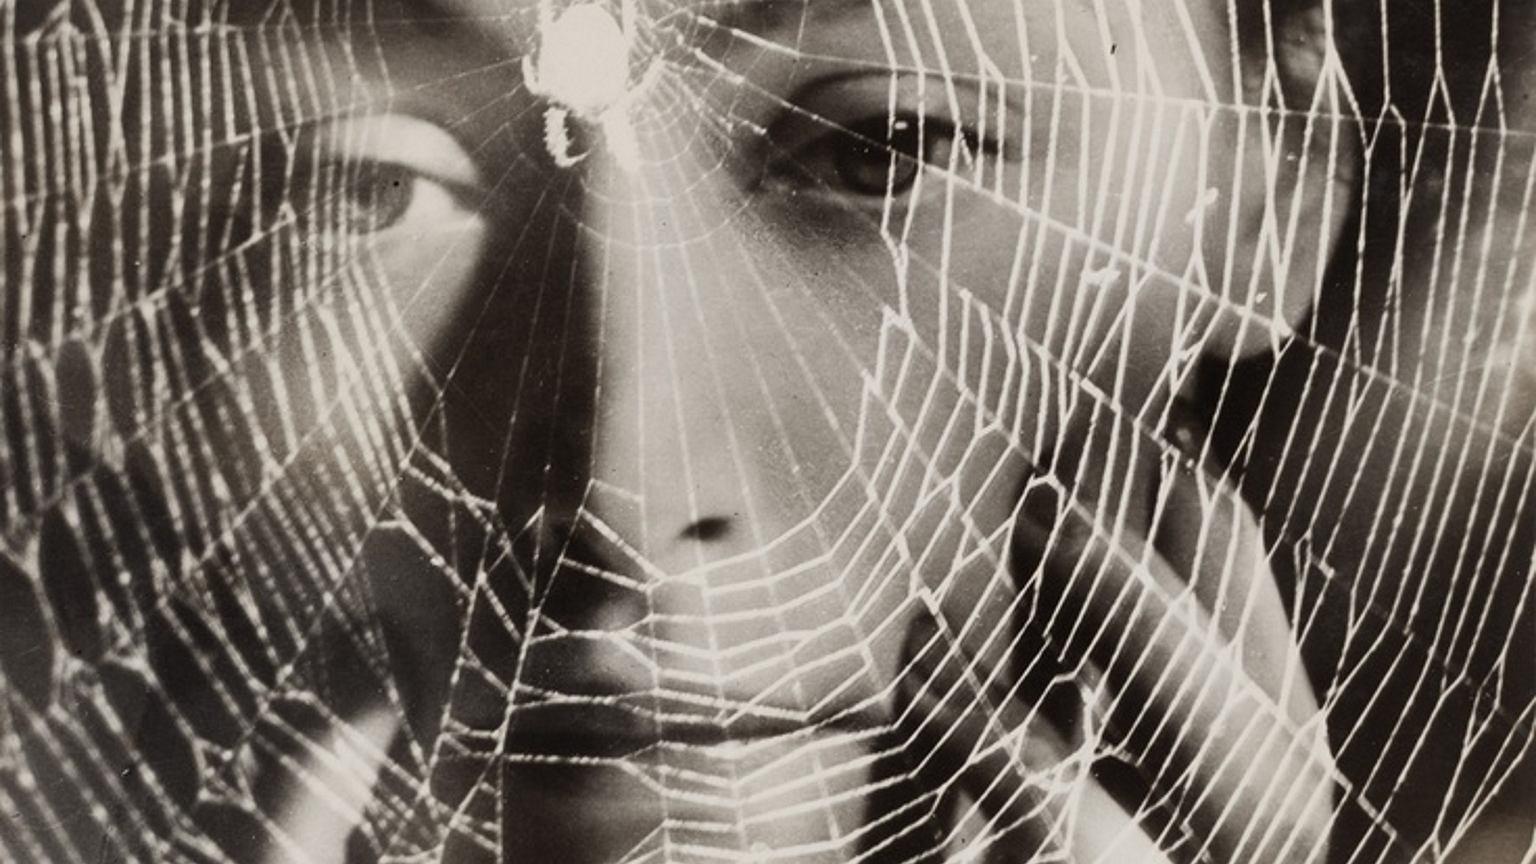 Dora Maar poświęciła dla Picassa nie tylko 9 lat swojego życia, ale też własną sztukę